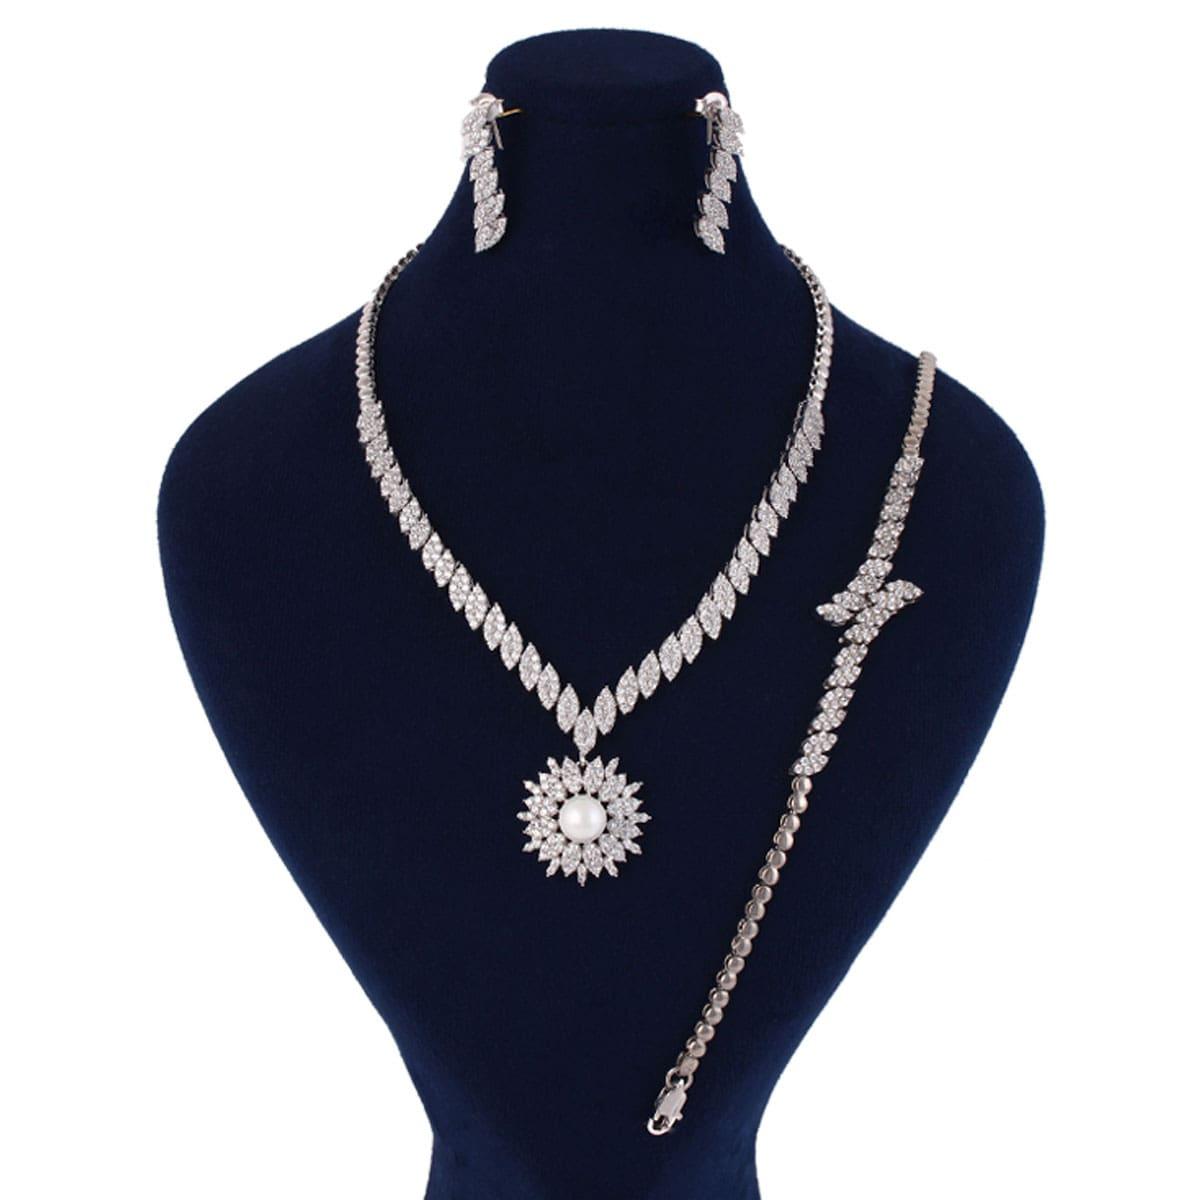 خرید سرویس نقره زنانه مدل لیوسا